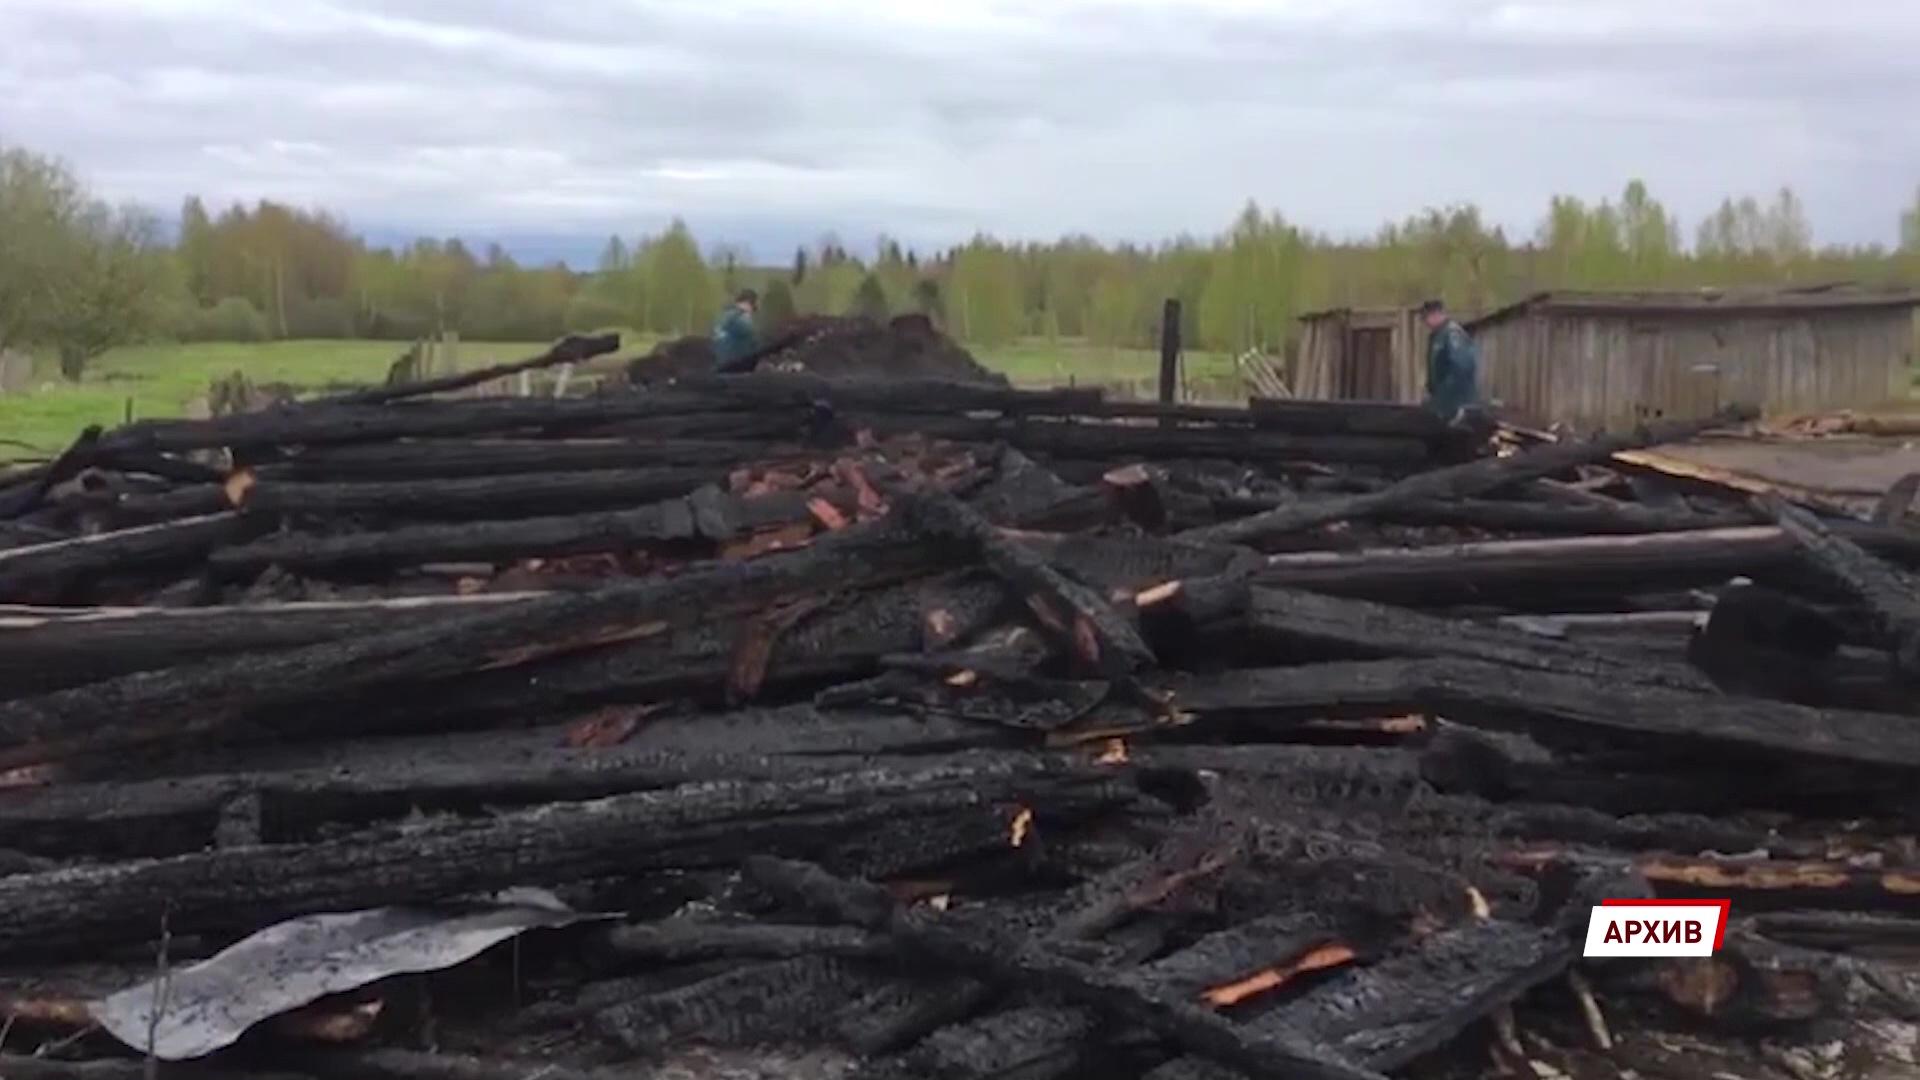 Семья, потерявшая троих детей в пожаре, получила новое жилье